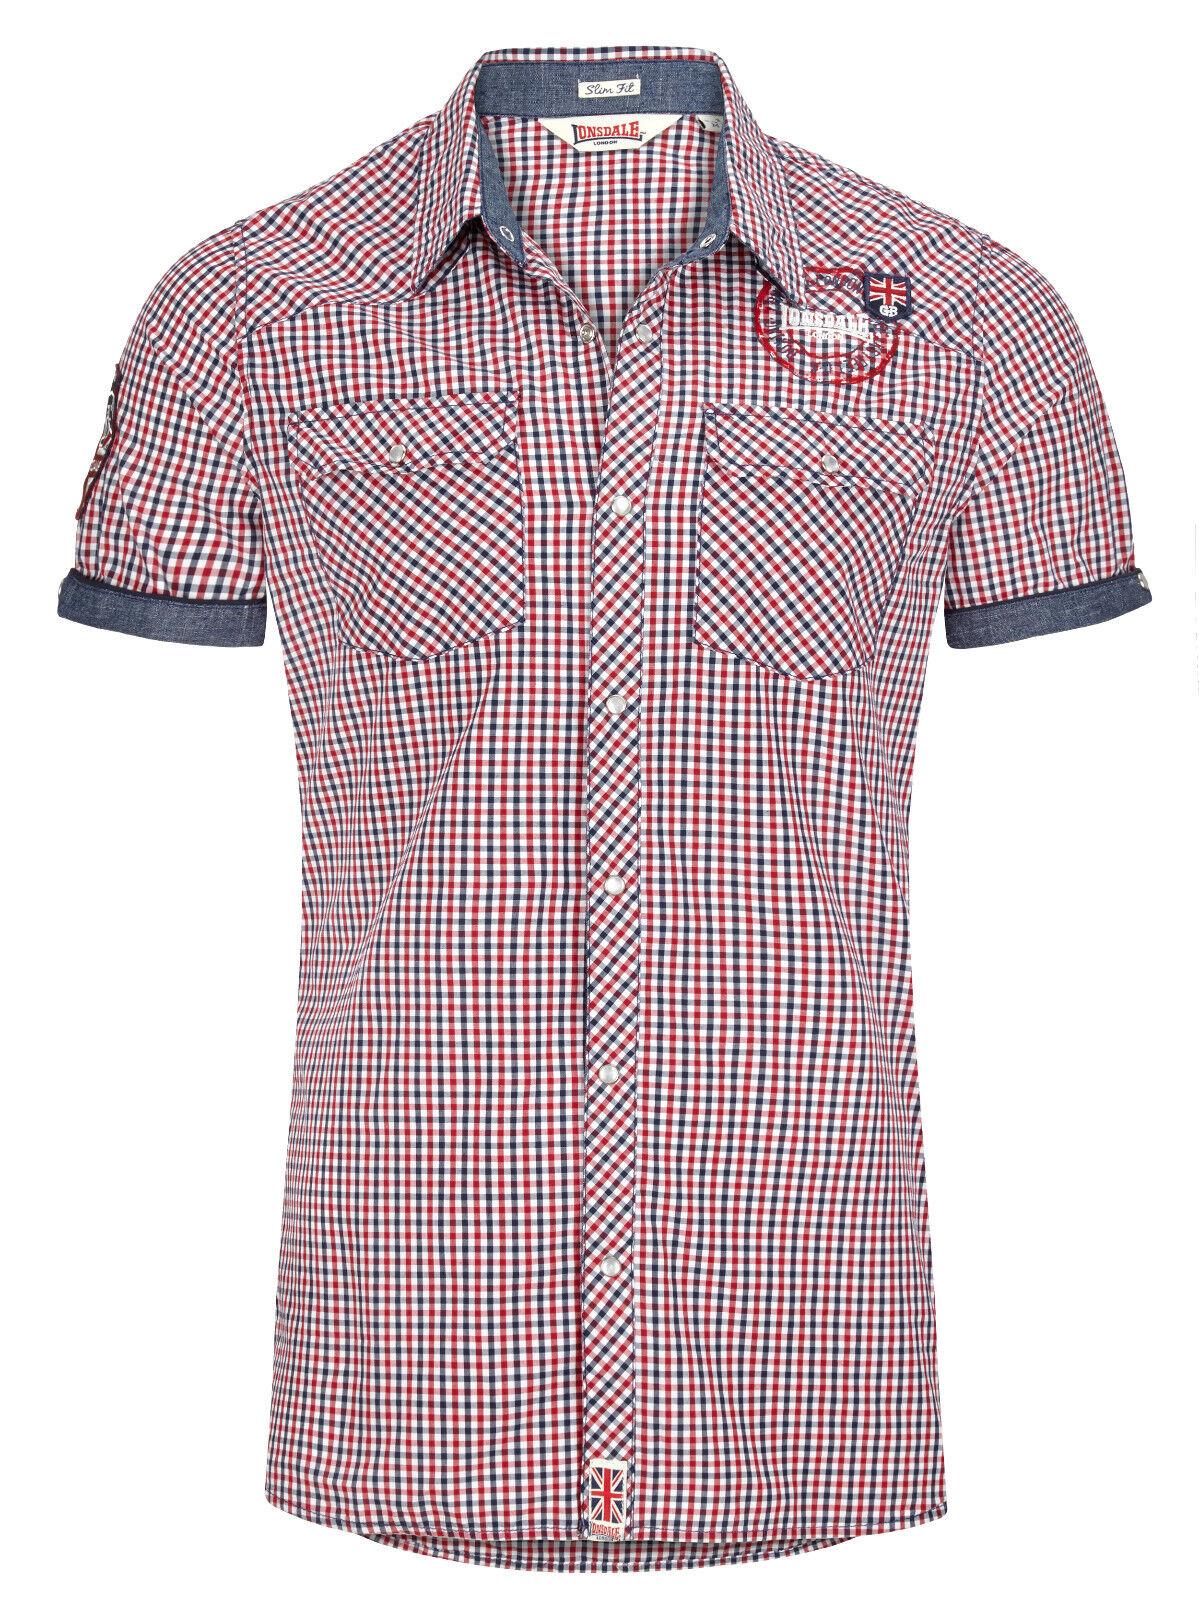 Lonsdale kurzarm Hemd Reigate     | Verbraucher zuerst